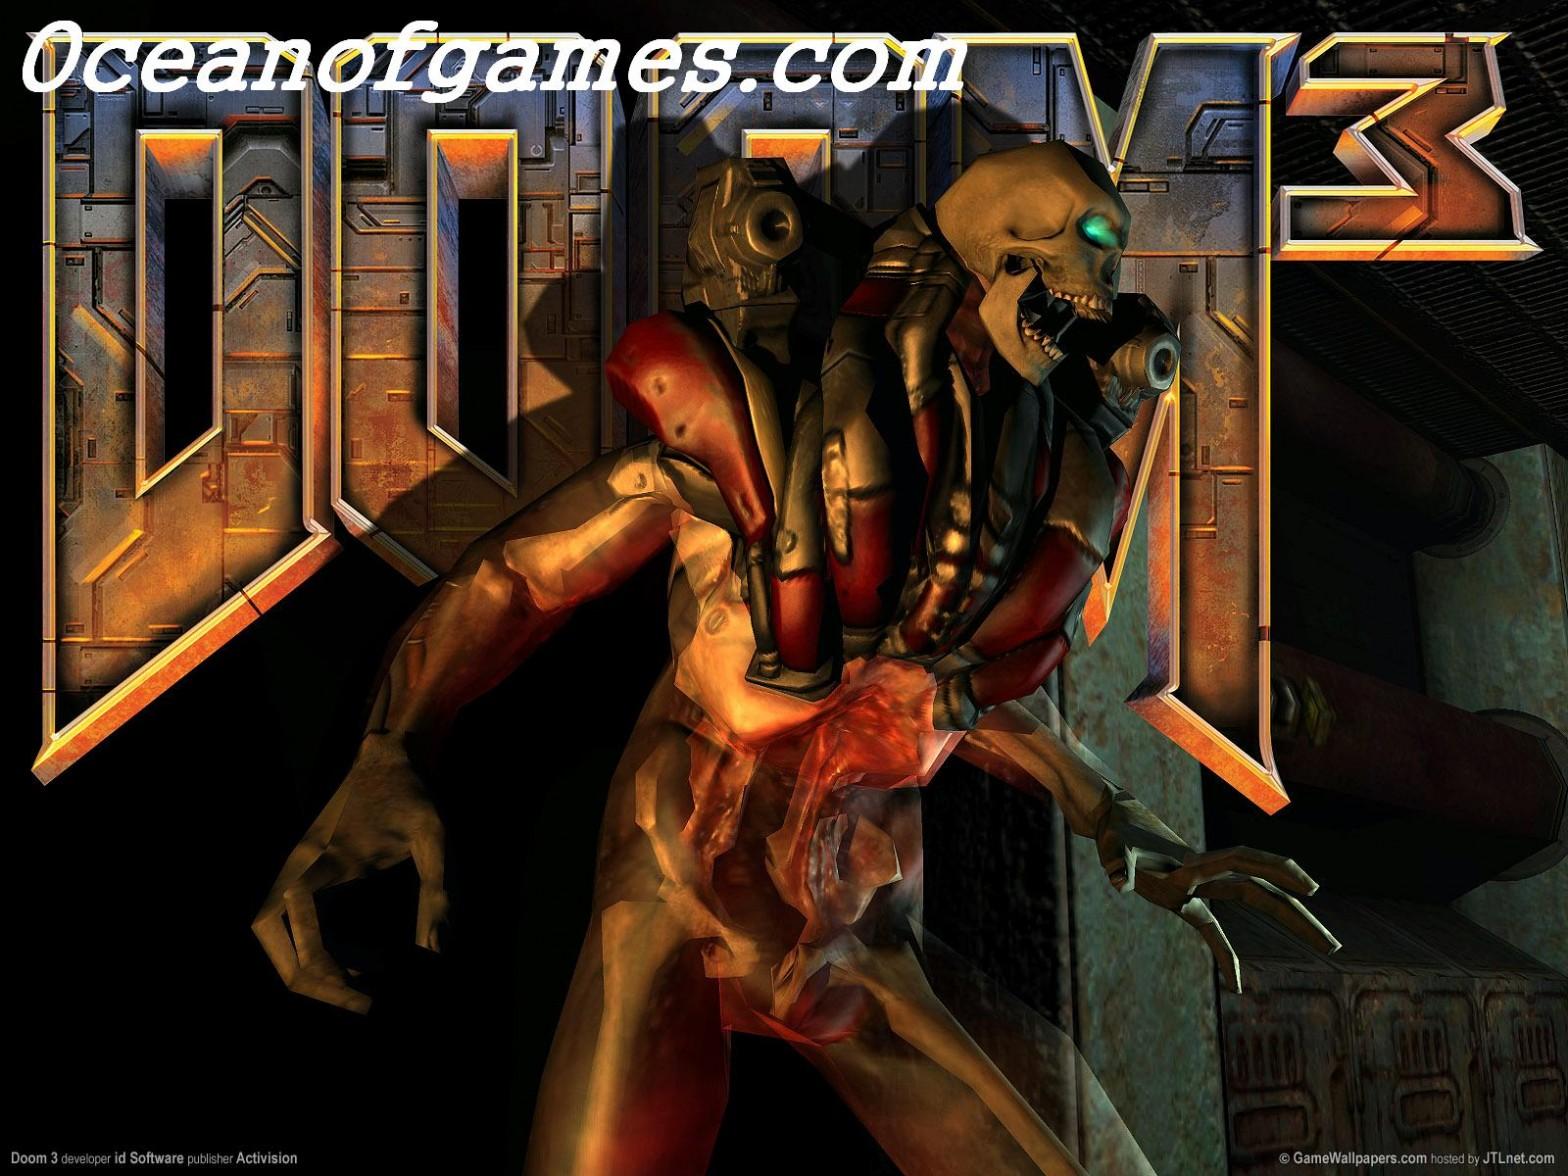 Doom 3 Free Download